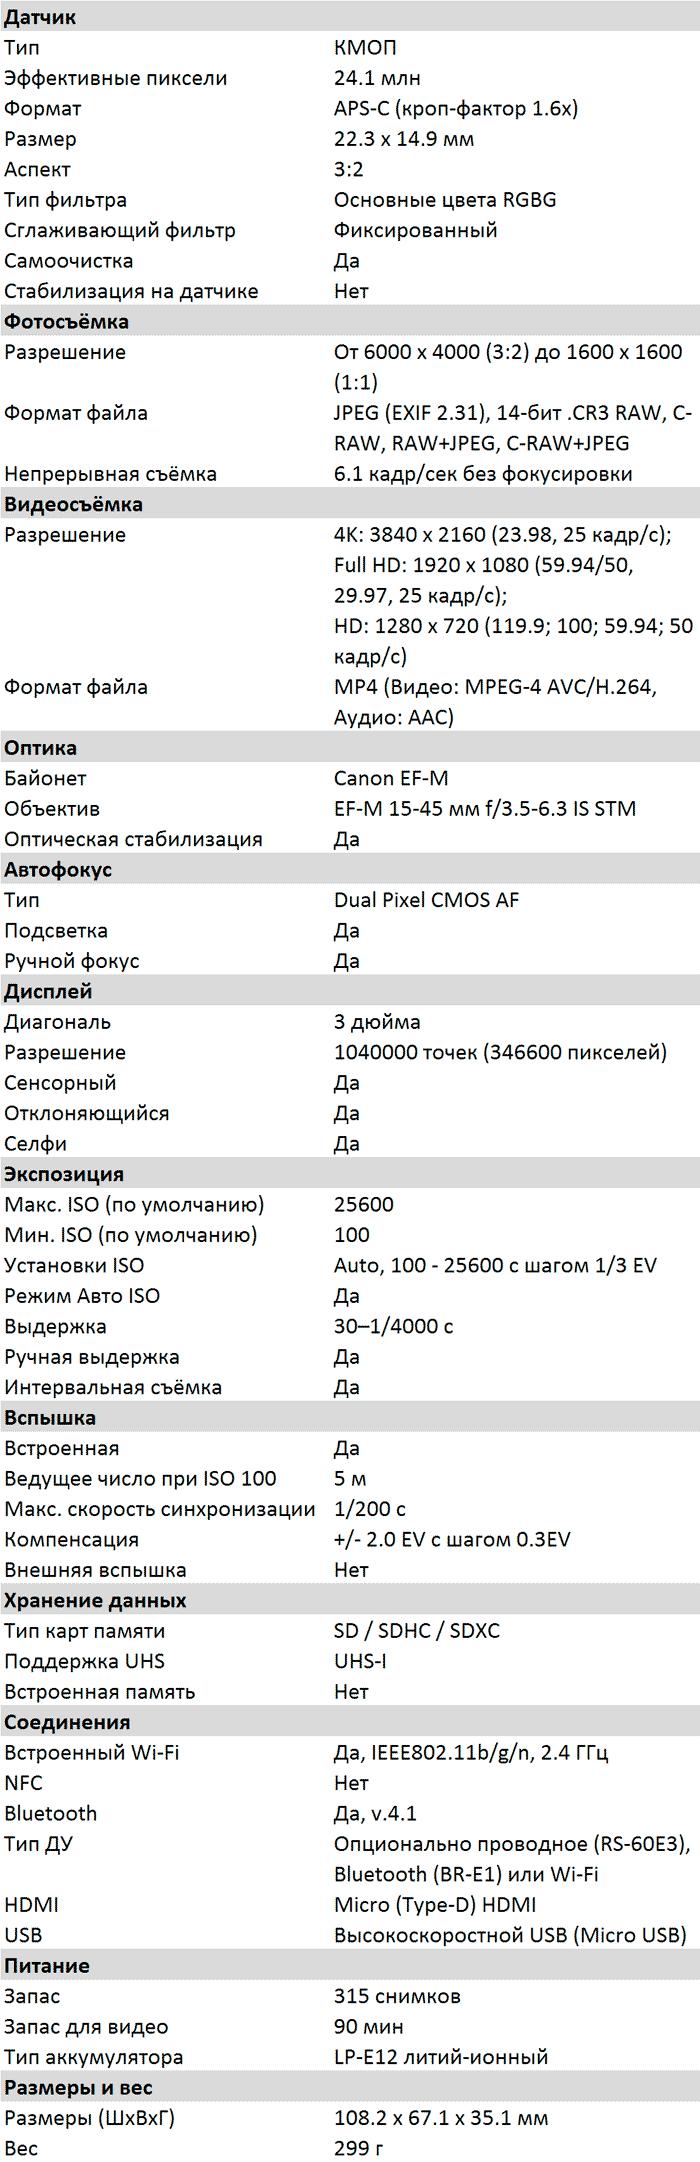 Характеристики EOS M200